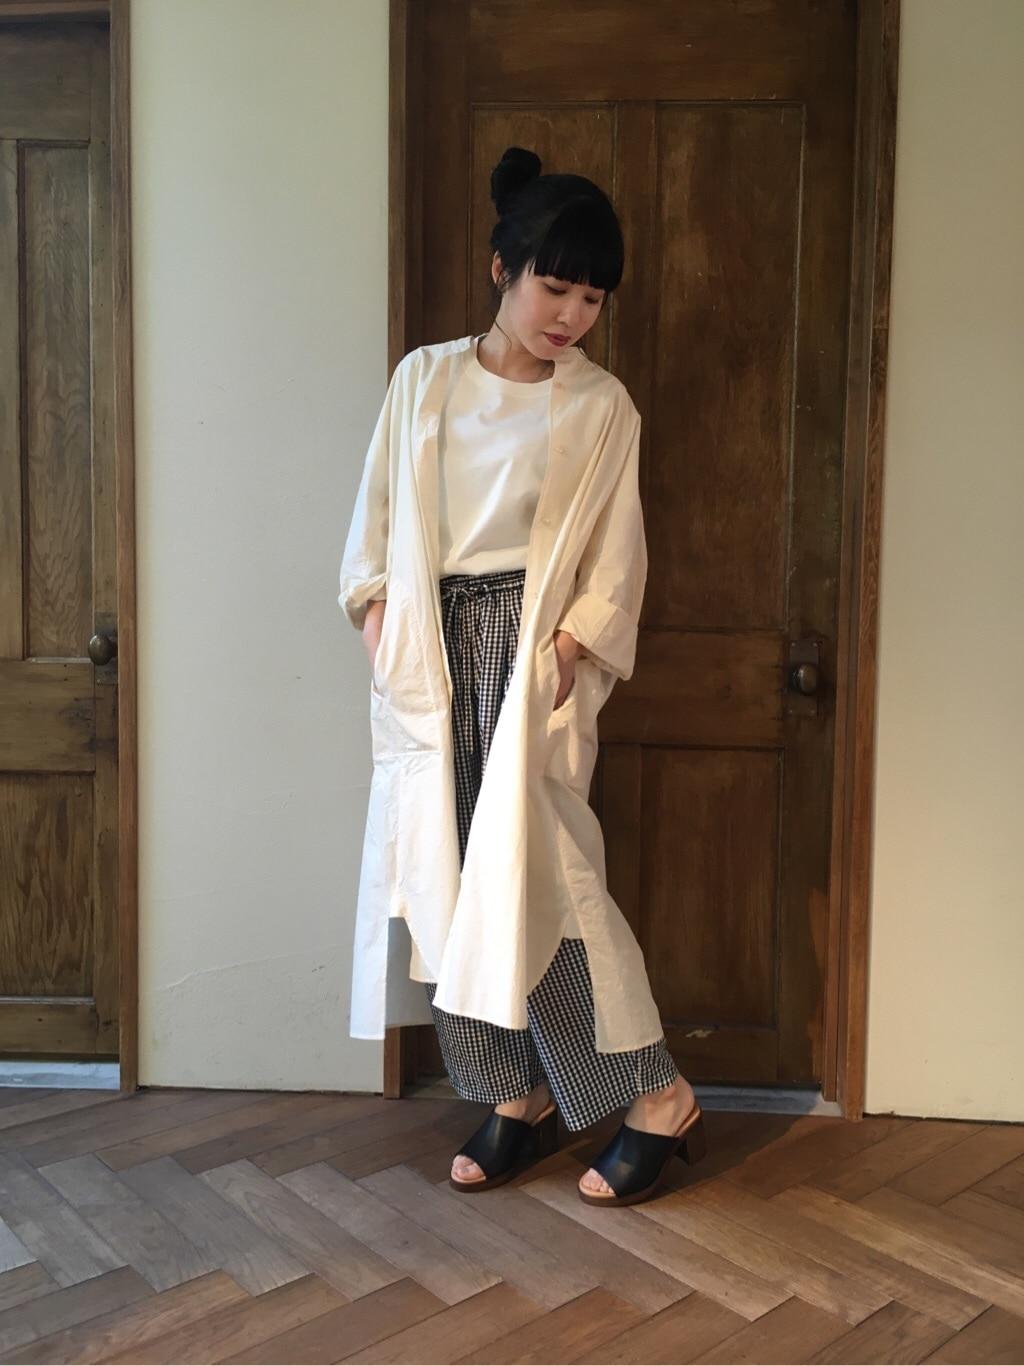 yuni 京都路面 身長:152cm 2020.05.30